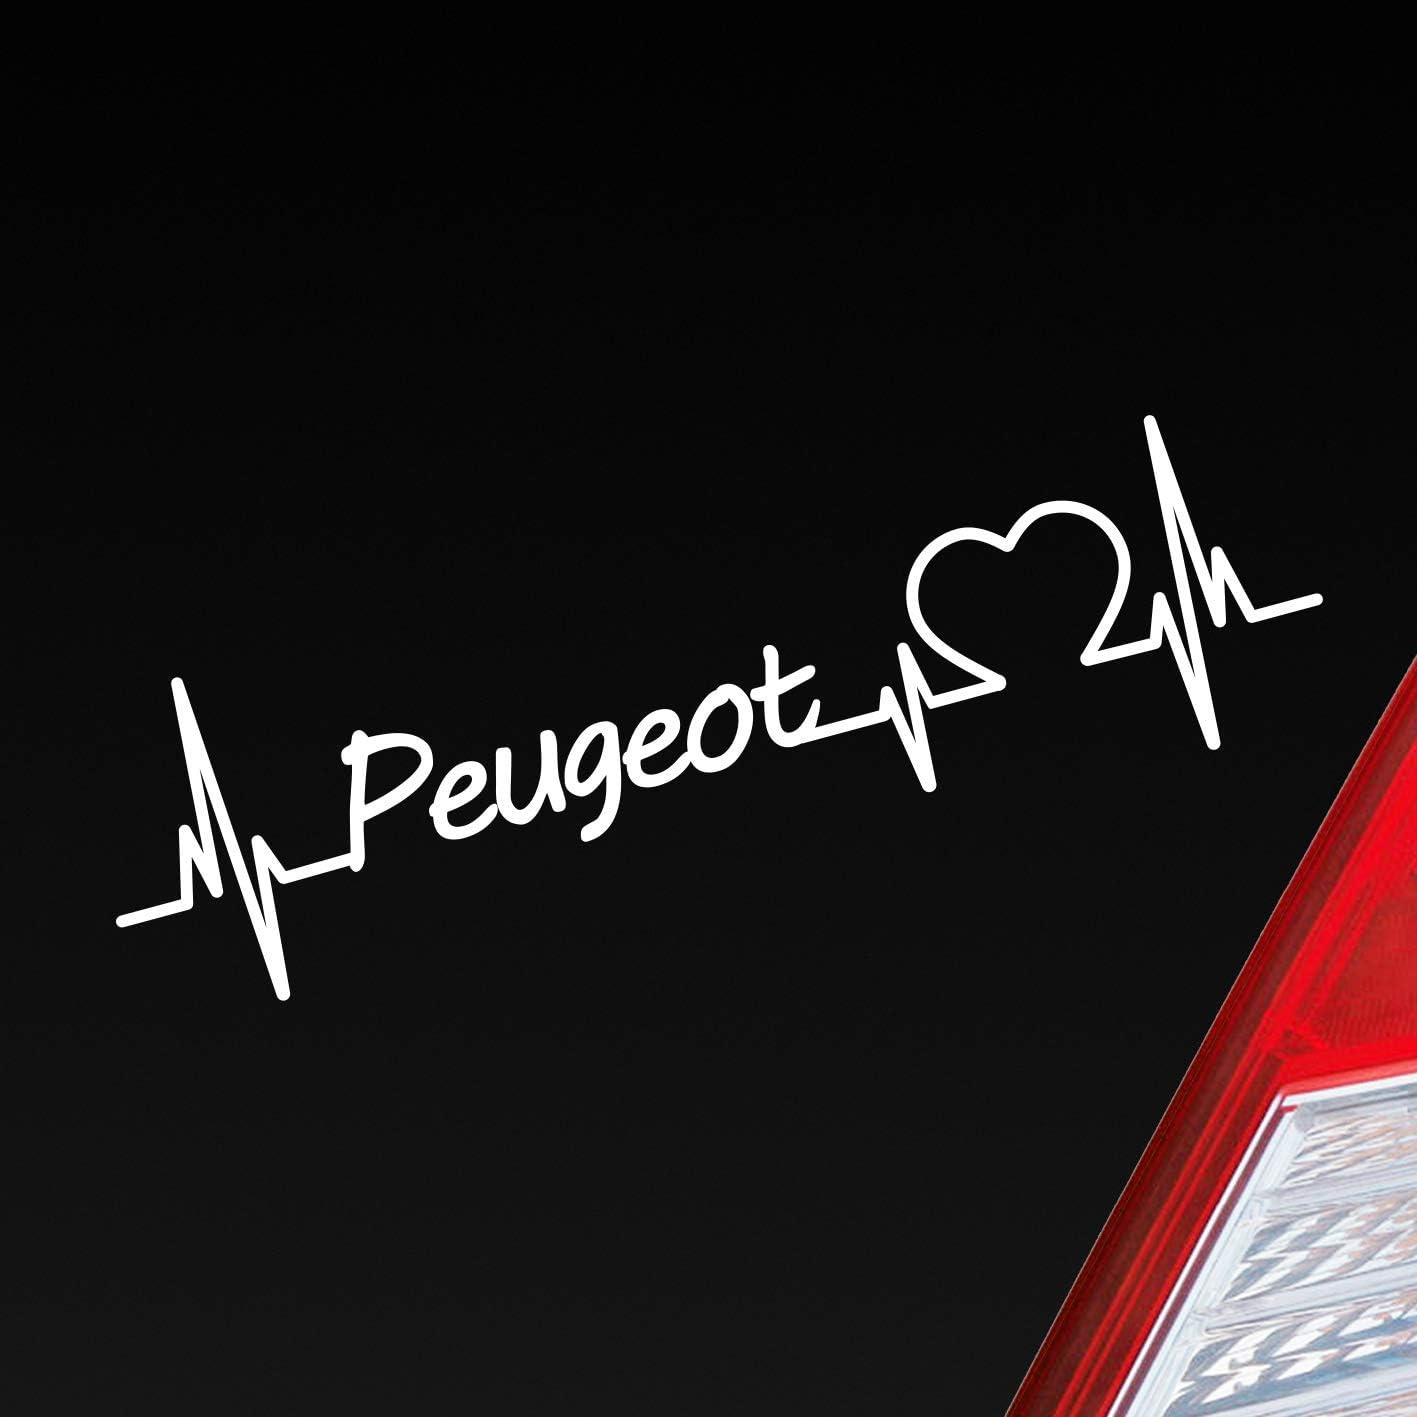 Auto Aufkleber In Deiner Wunschfarbe Peugeot Herz Puls Automarke Marke Car Sticker Liebe Love Ca 19 X 6 Cm Autoaufkleber Sticker Auto